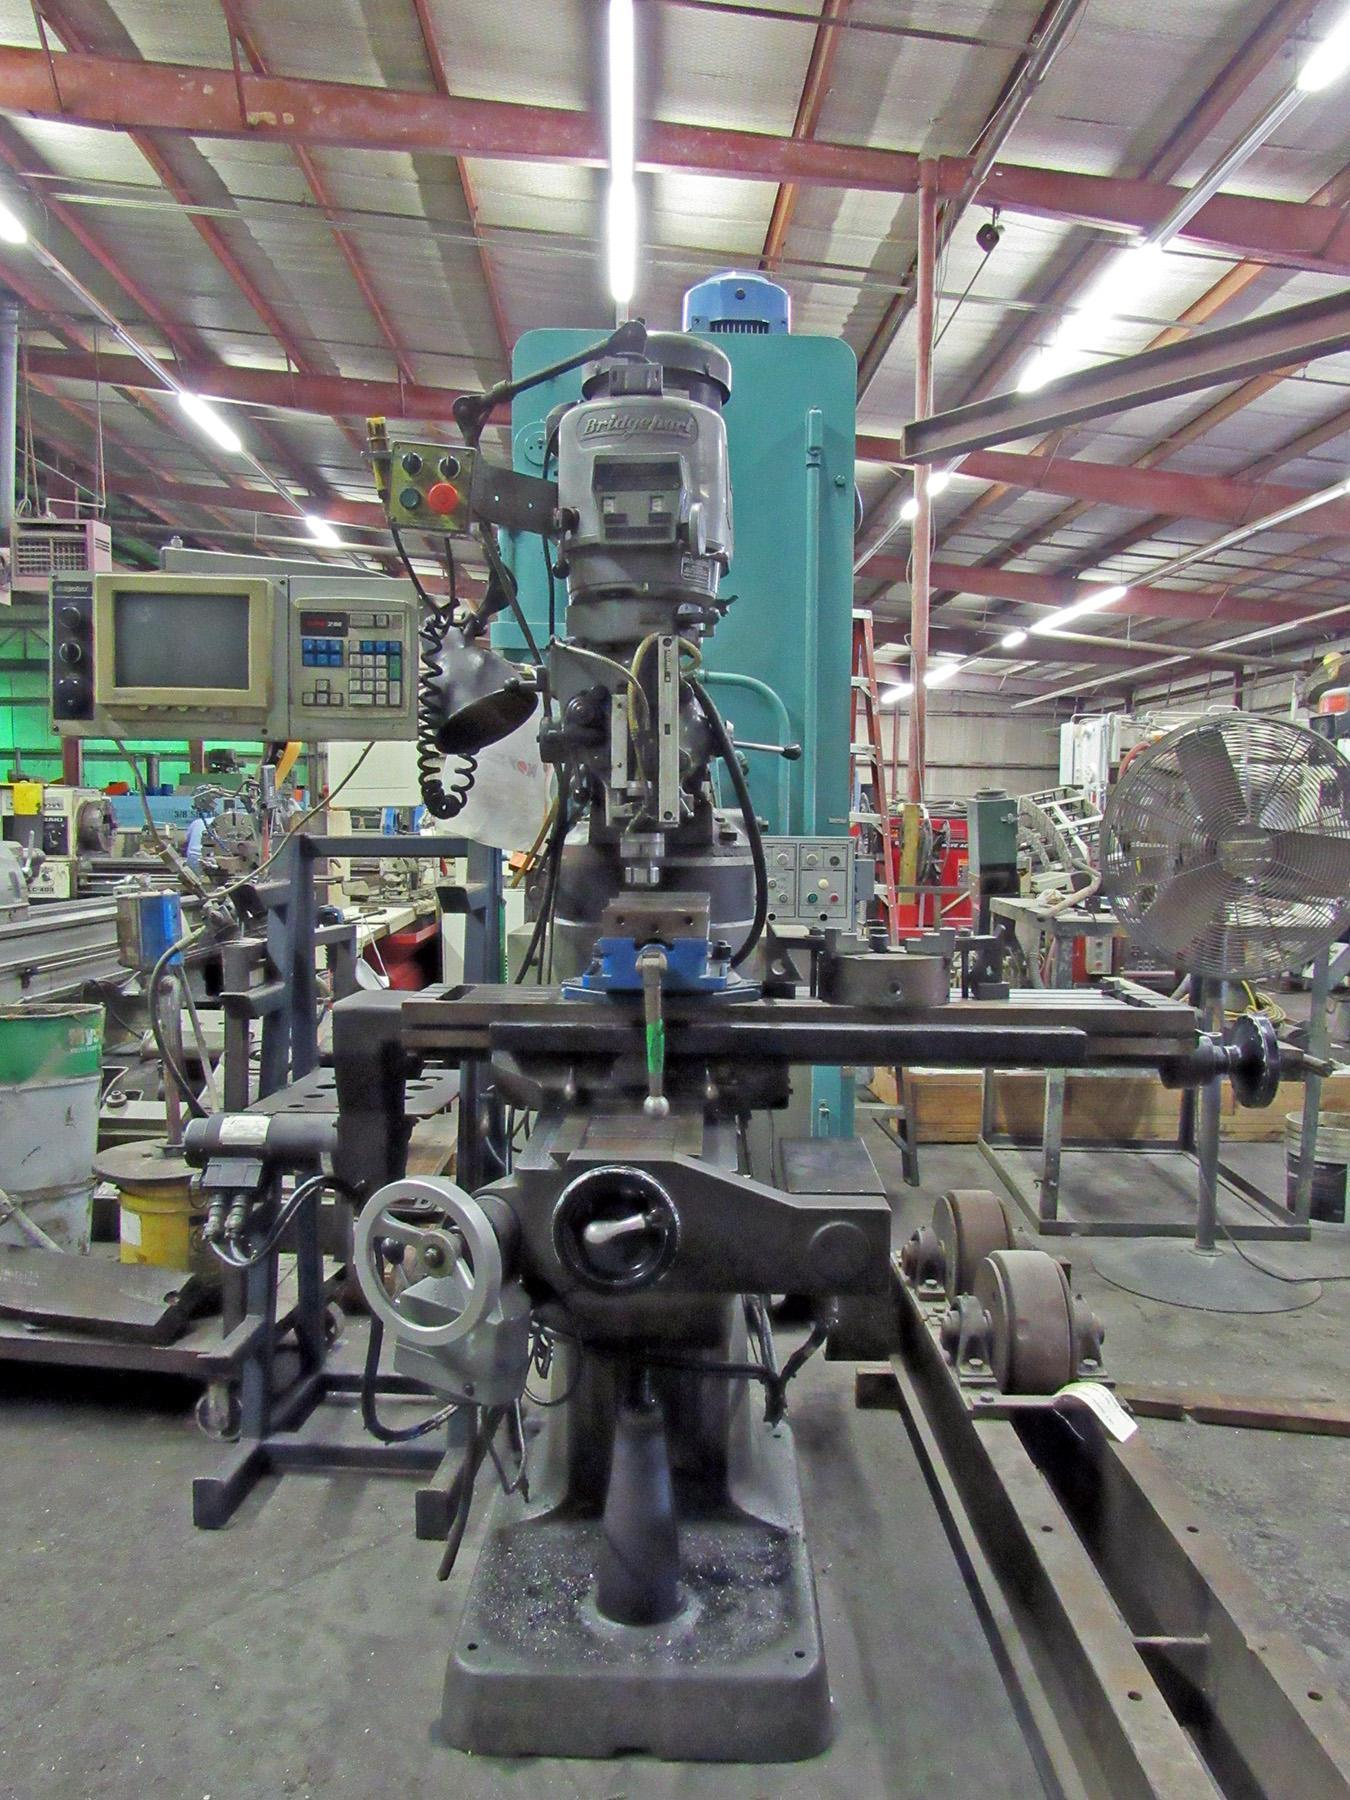 USED, BRIDGEPORT EZ TRAK SERIES I CNC VERTICAL MILLING MACHINE